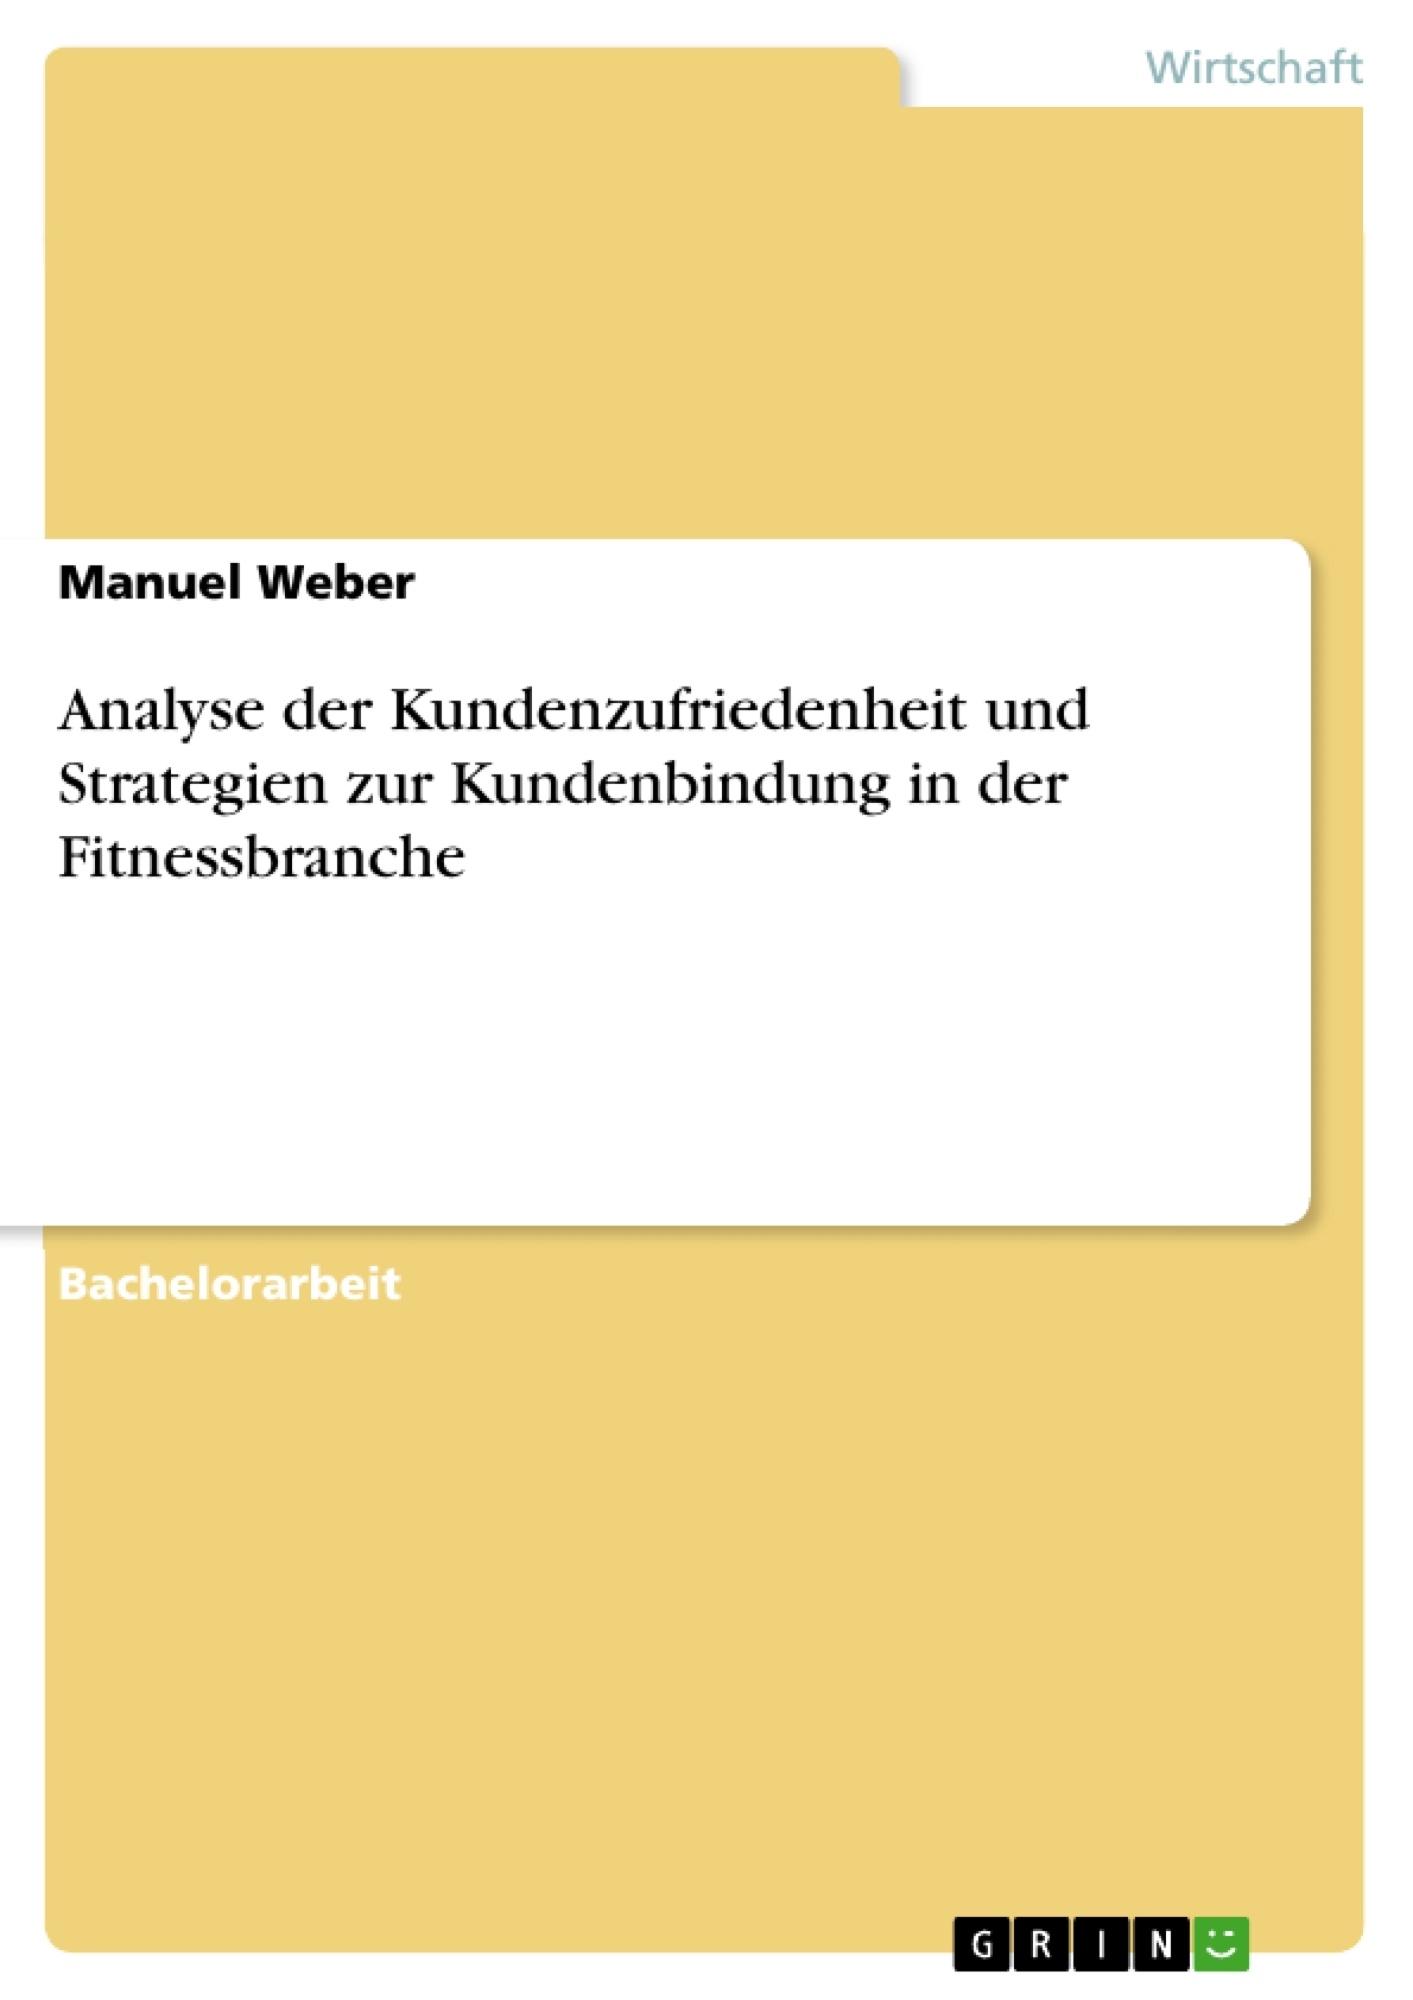 Titel: Analyse der Kundenzufriedenheit und Strategien zur Kundenbindung in der Fitnessbranche